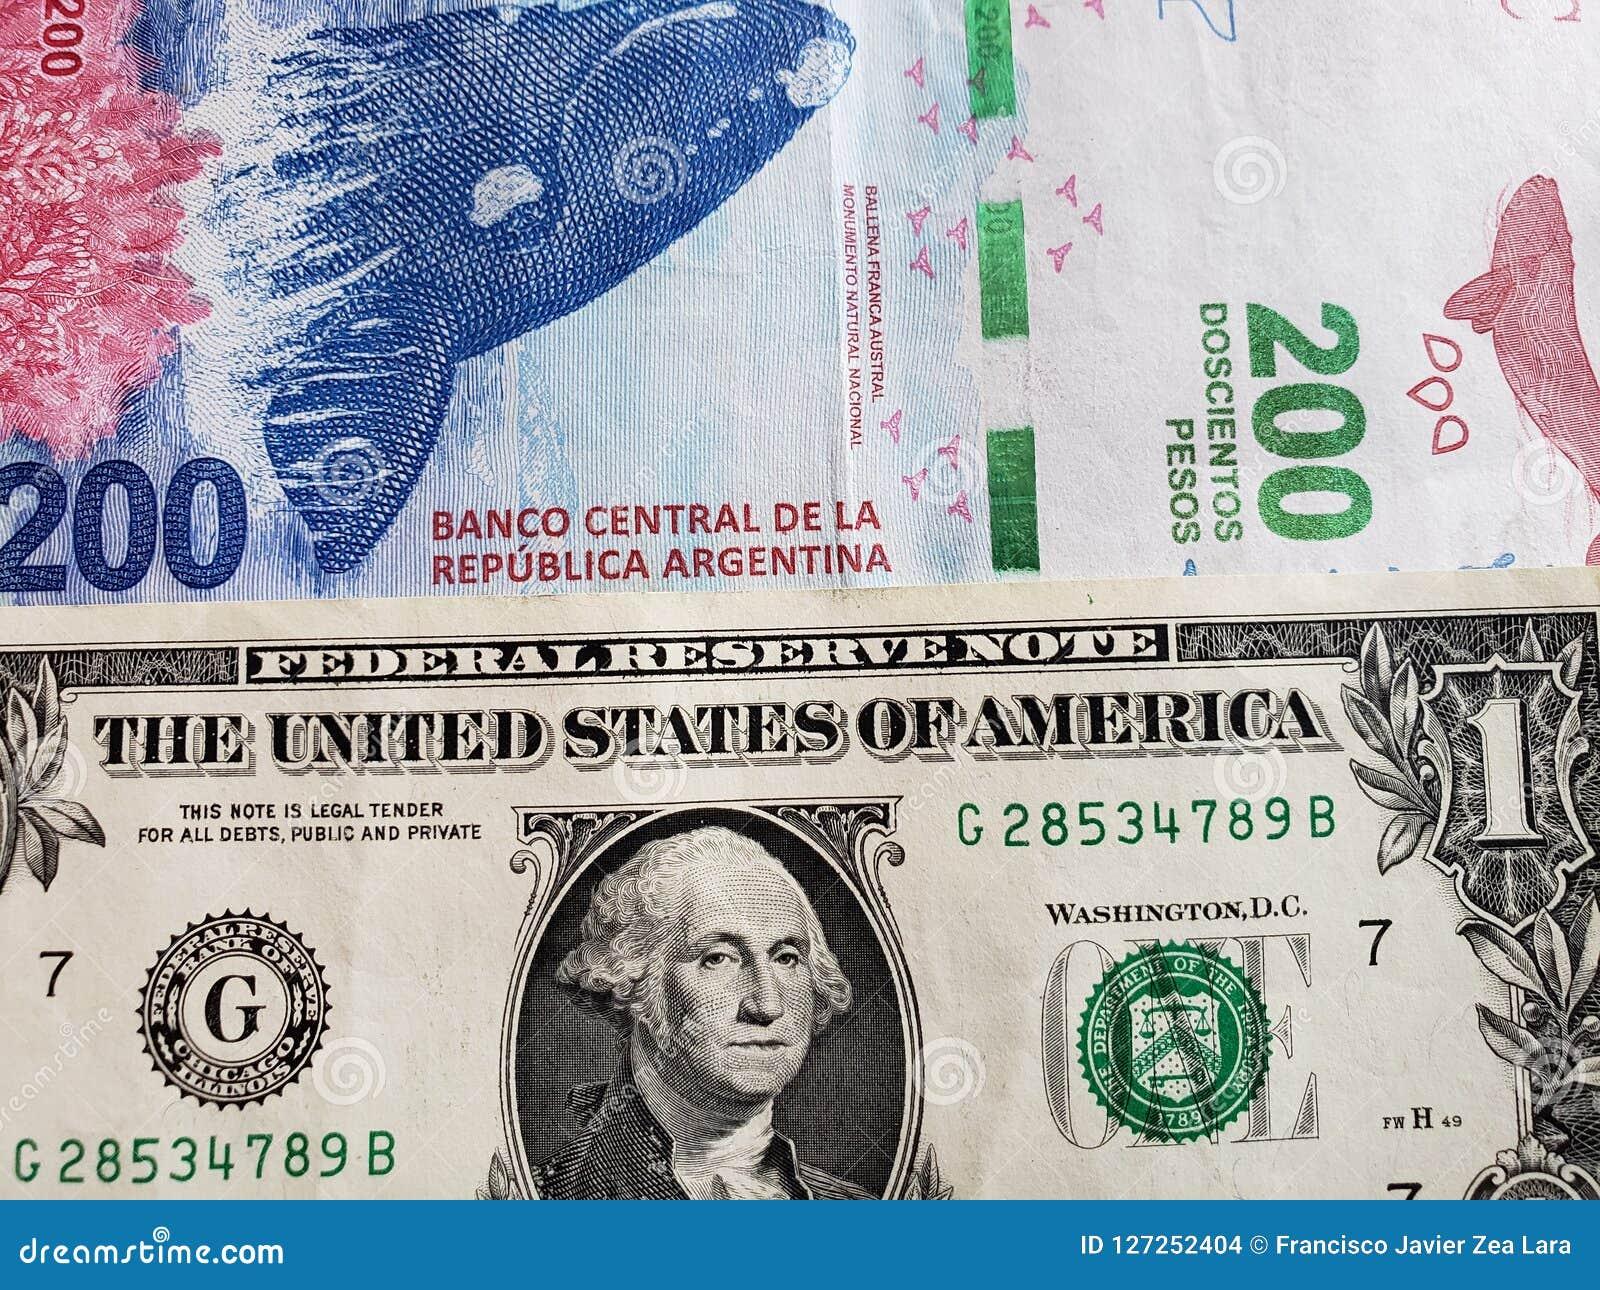 acerq%C3%BAese-un-billete-de-banco-argentino-pesos-y-d%C3%B3lar-fondo-textura-americanos-127252404